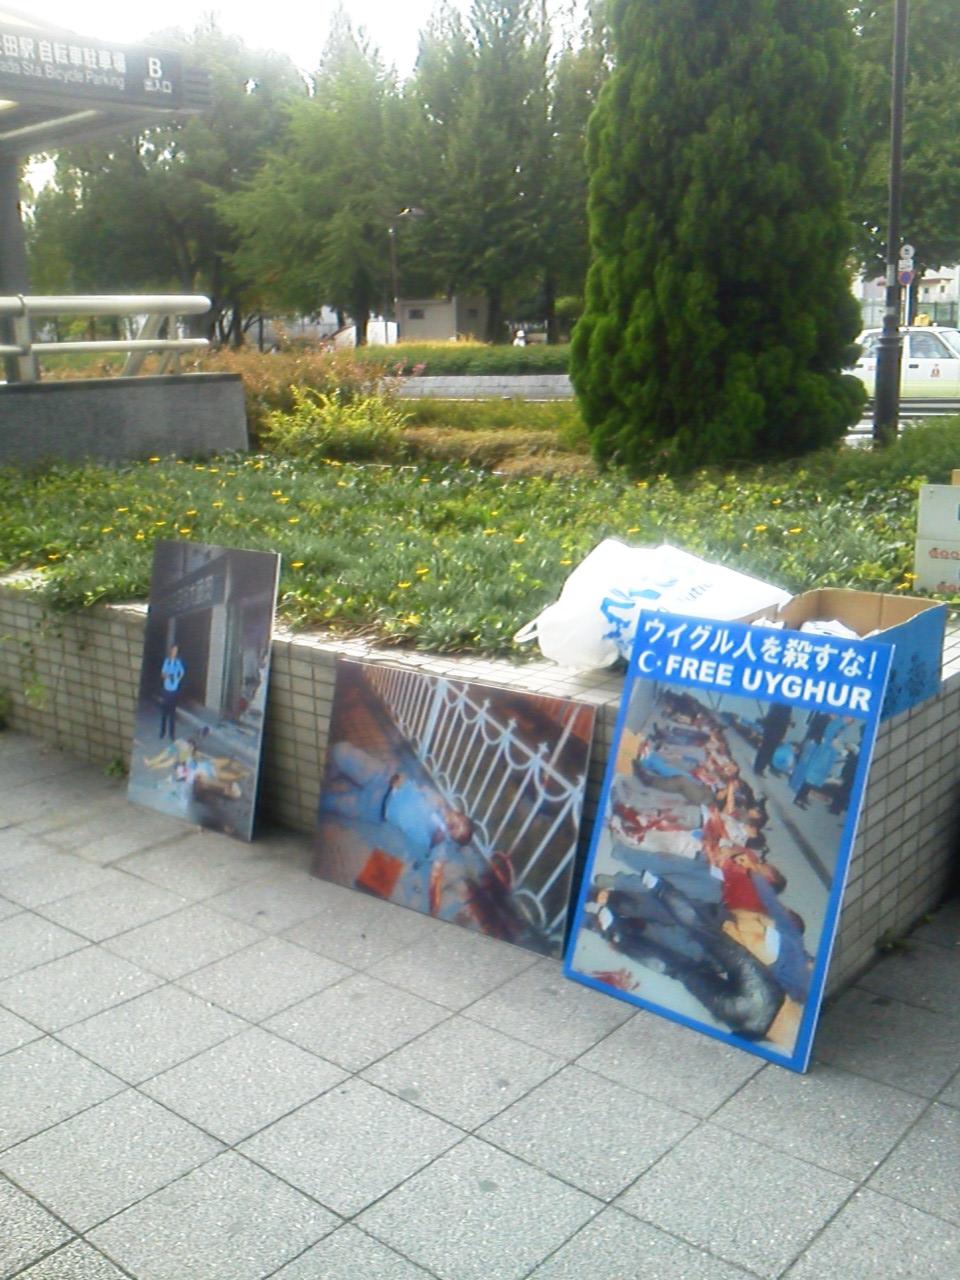 07ナゴヤドーム前名城住宅街宣2012.10.13